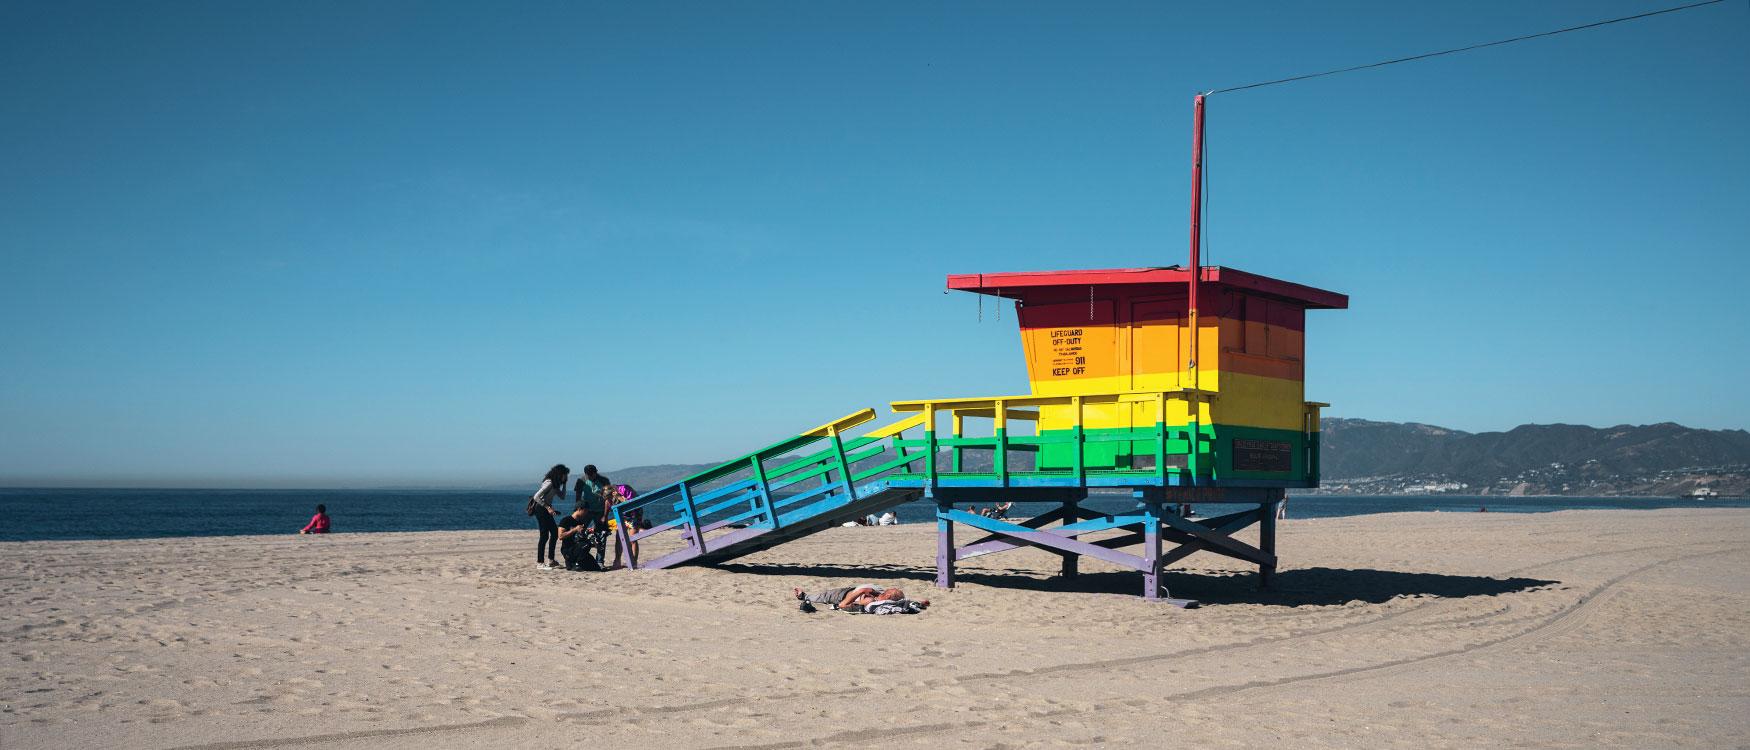 Venice Beach L.A. Venice Pride Lifeguard Tower